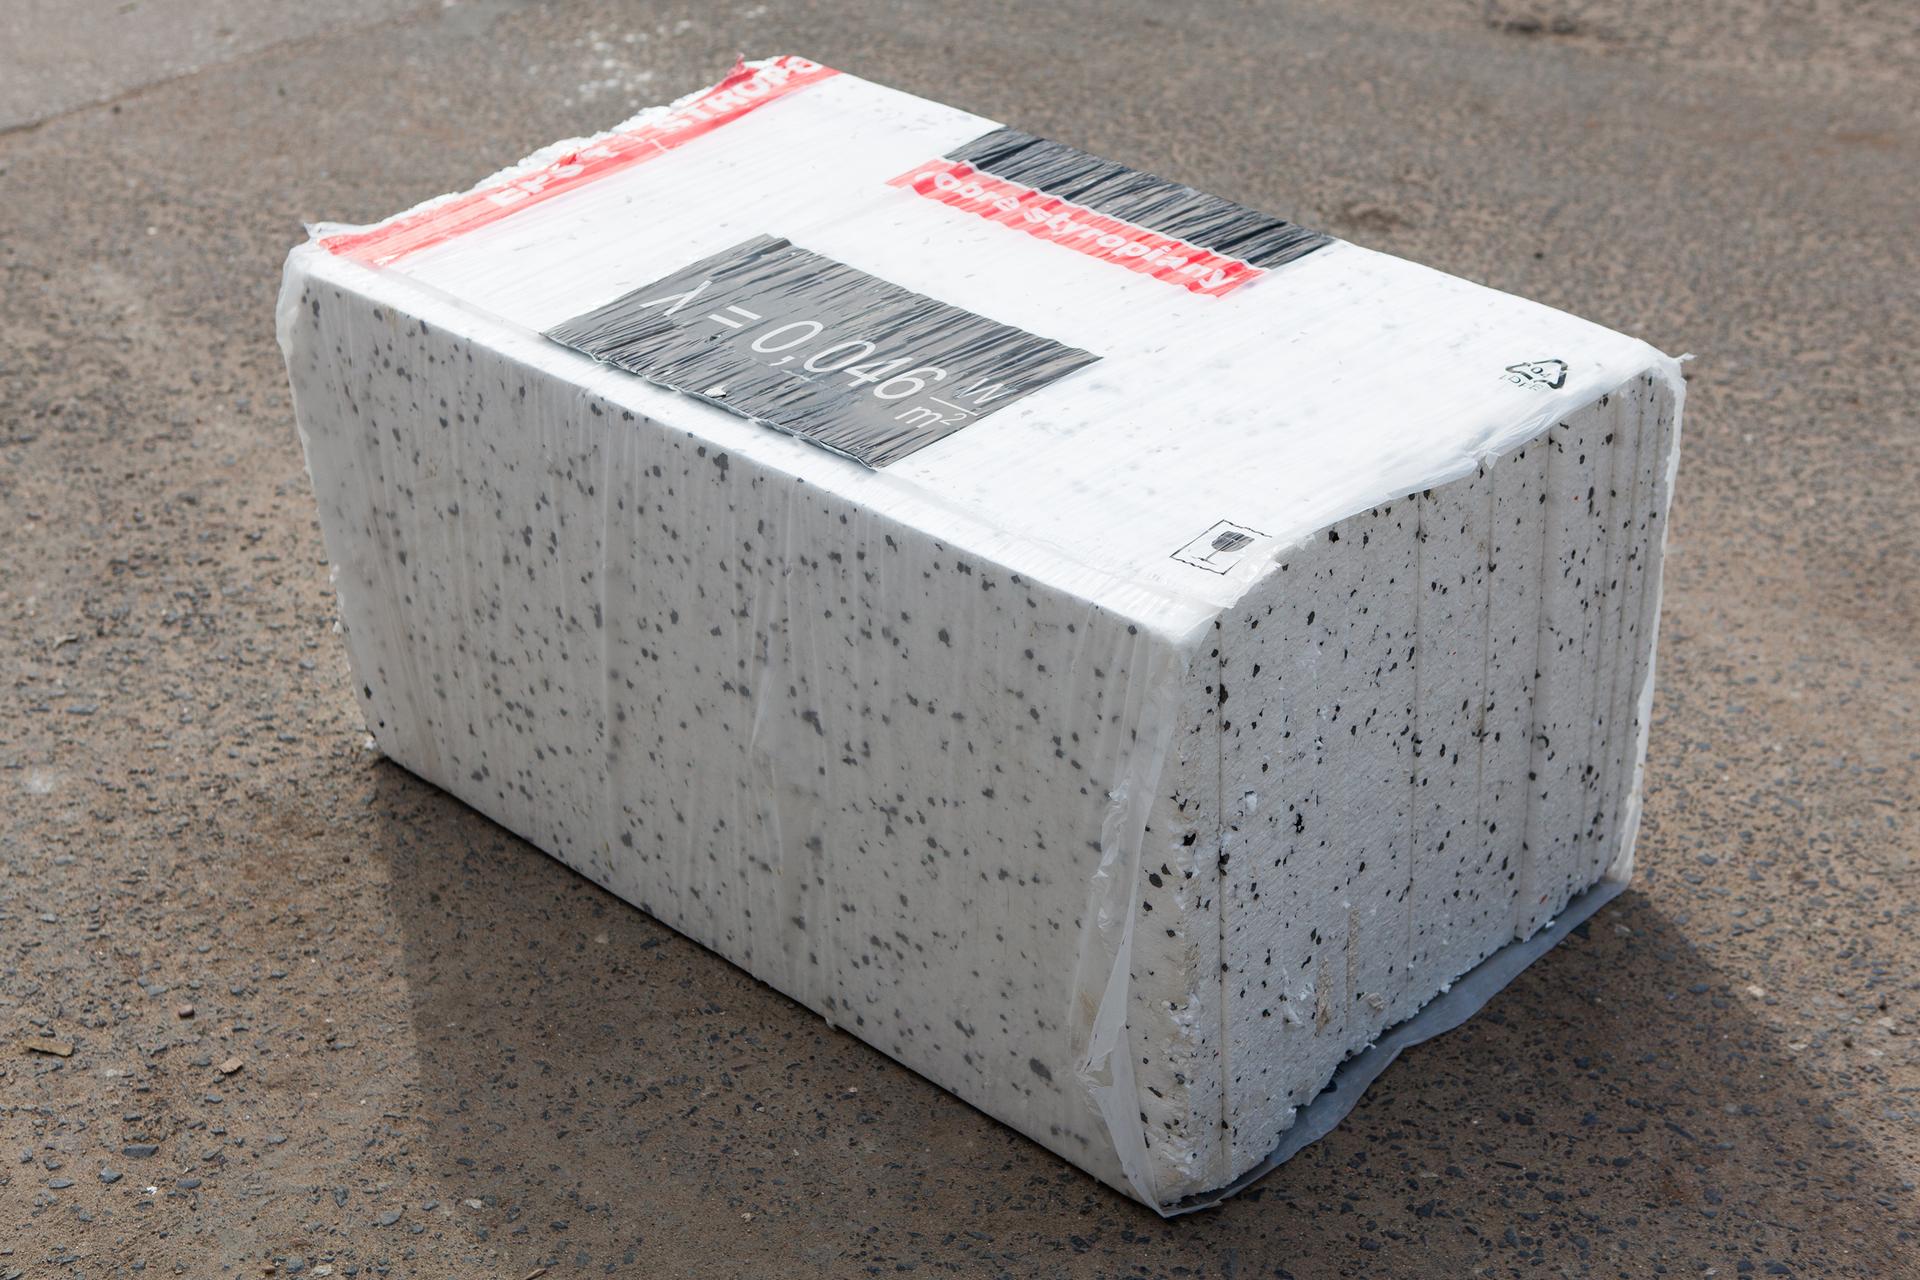 Zdjęcie paczki styropianu znapisem: λ = 0,046 W/m2